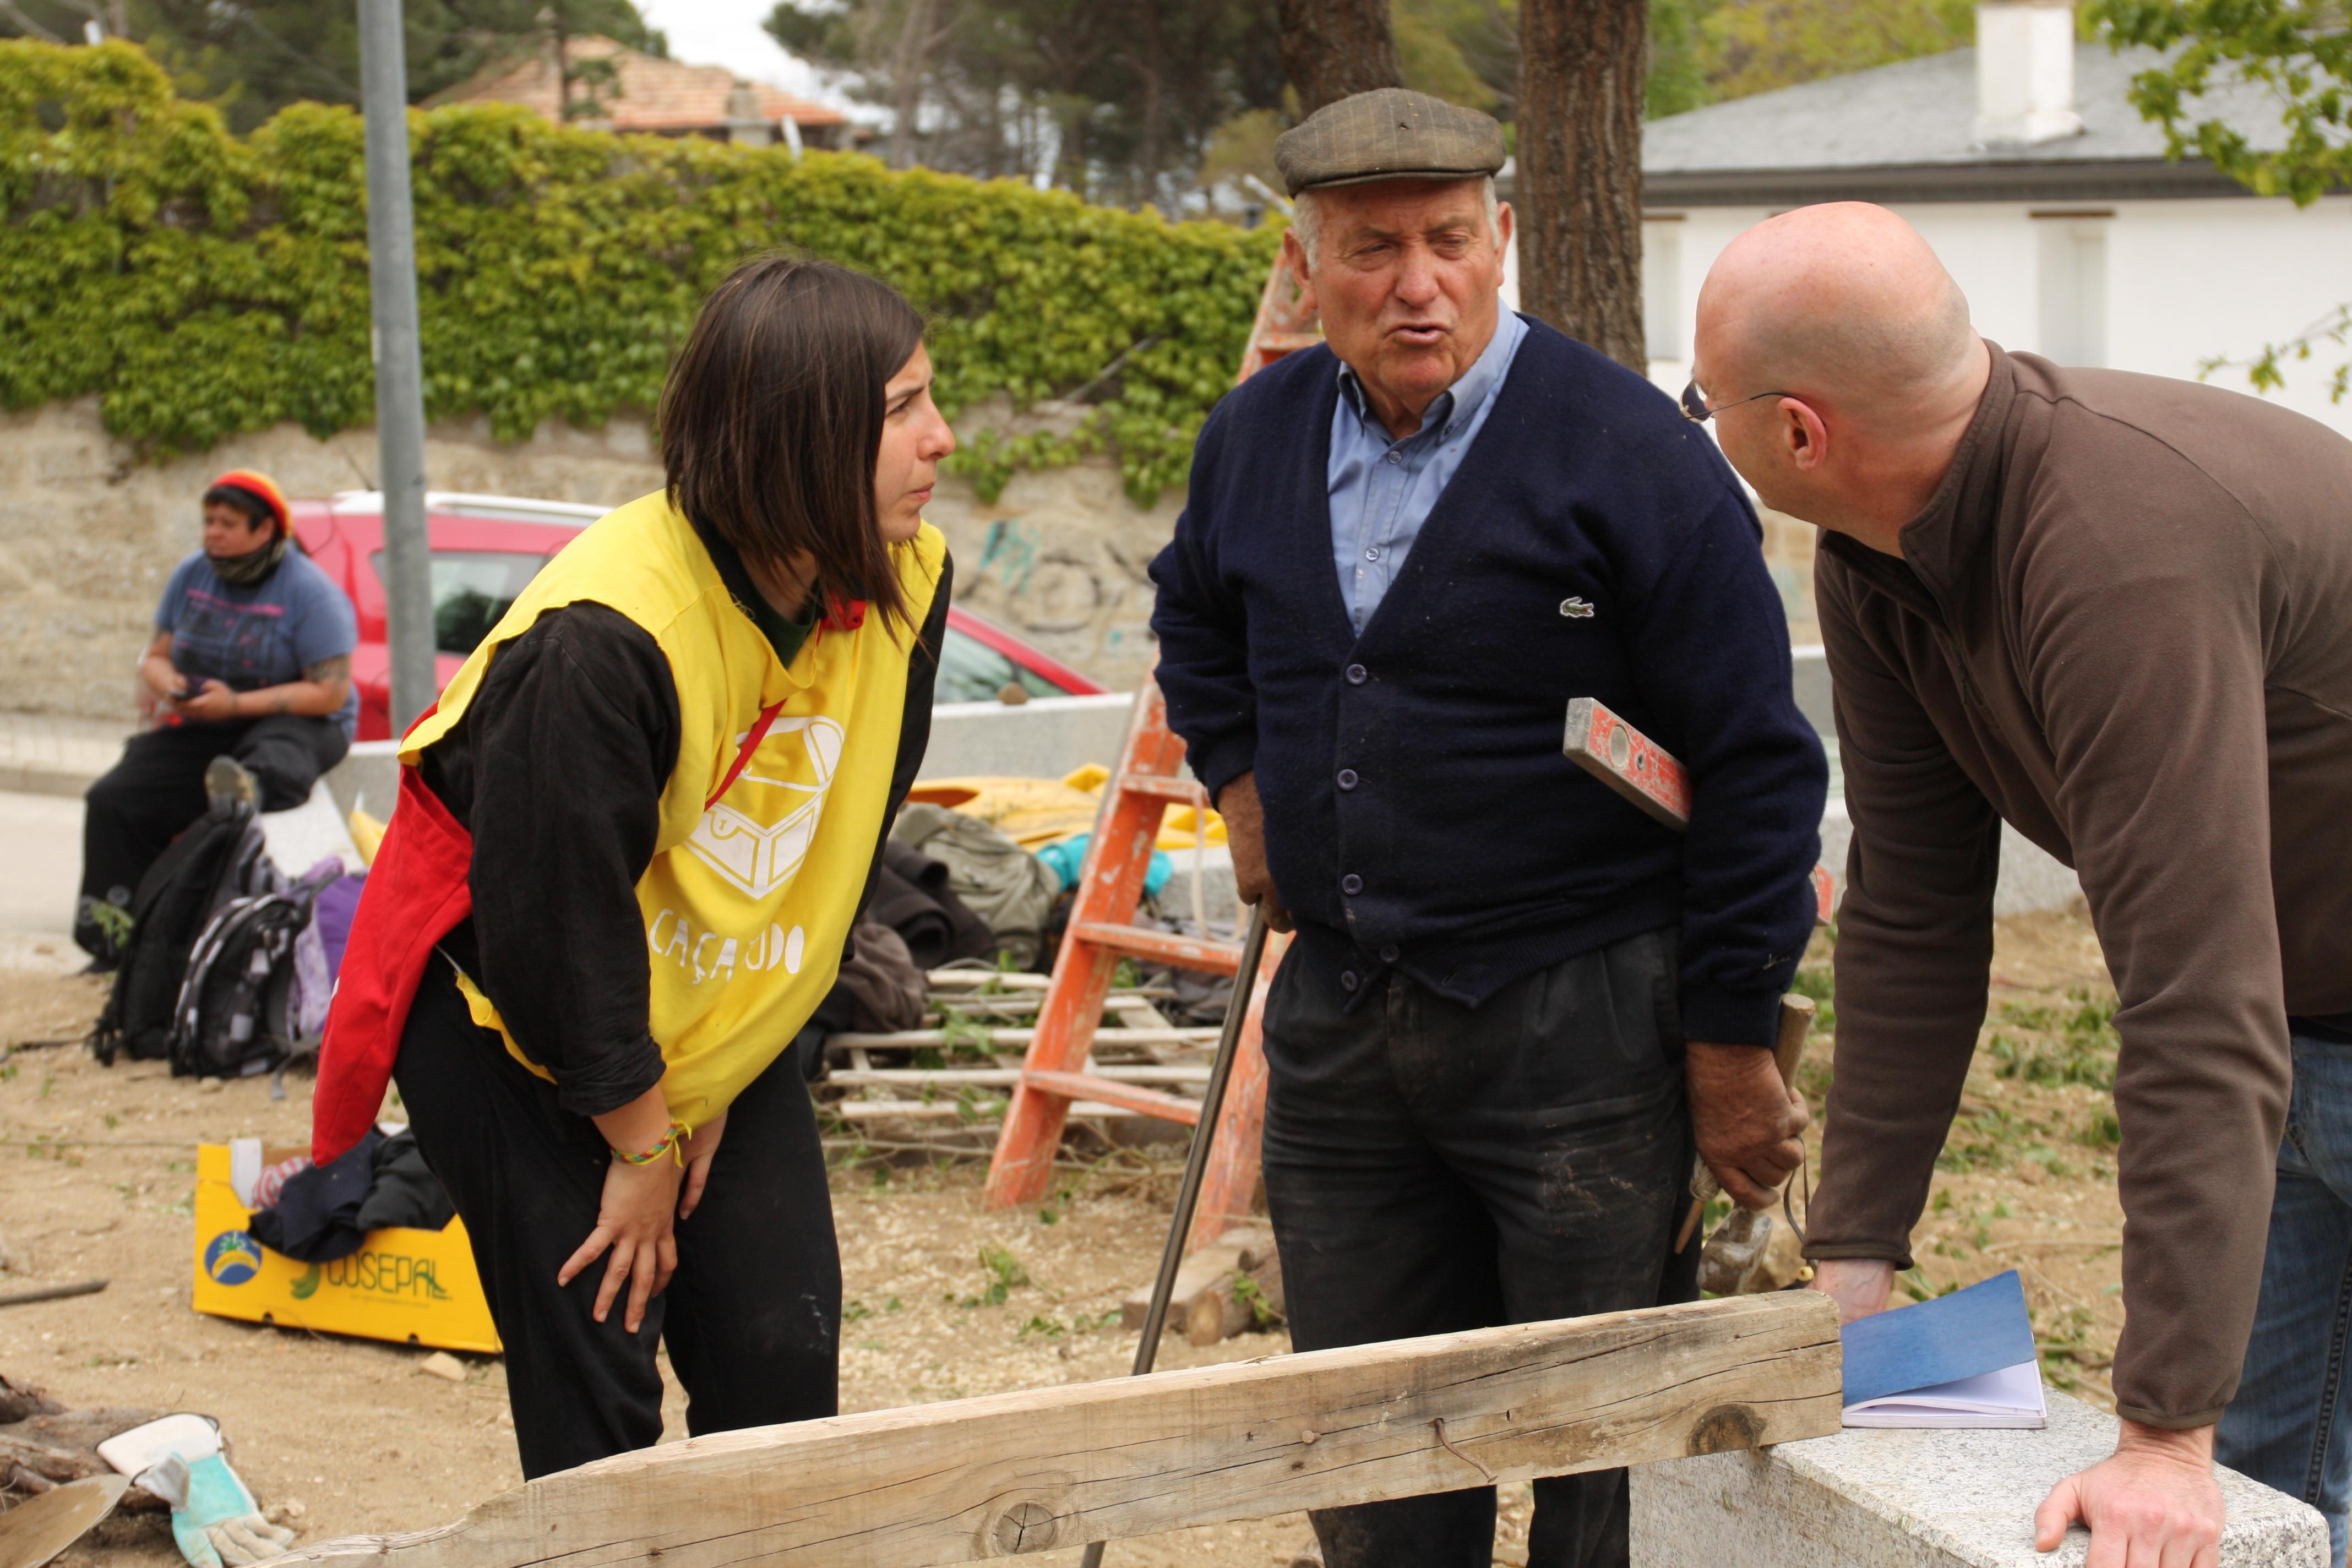 Construyendo Oasis tras la jubilaci�n. Personas mayores como protagonistas del cambio social